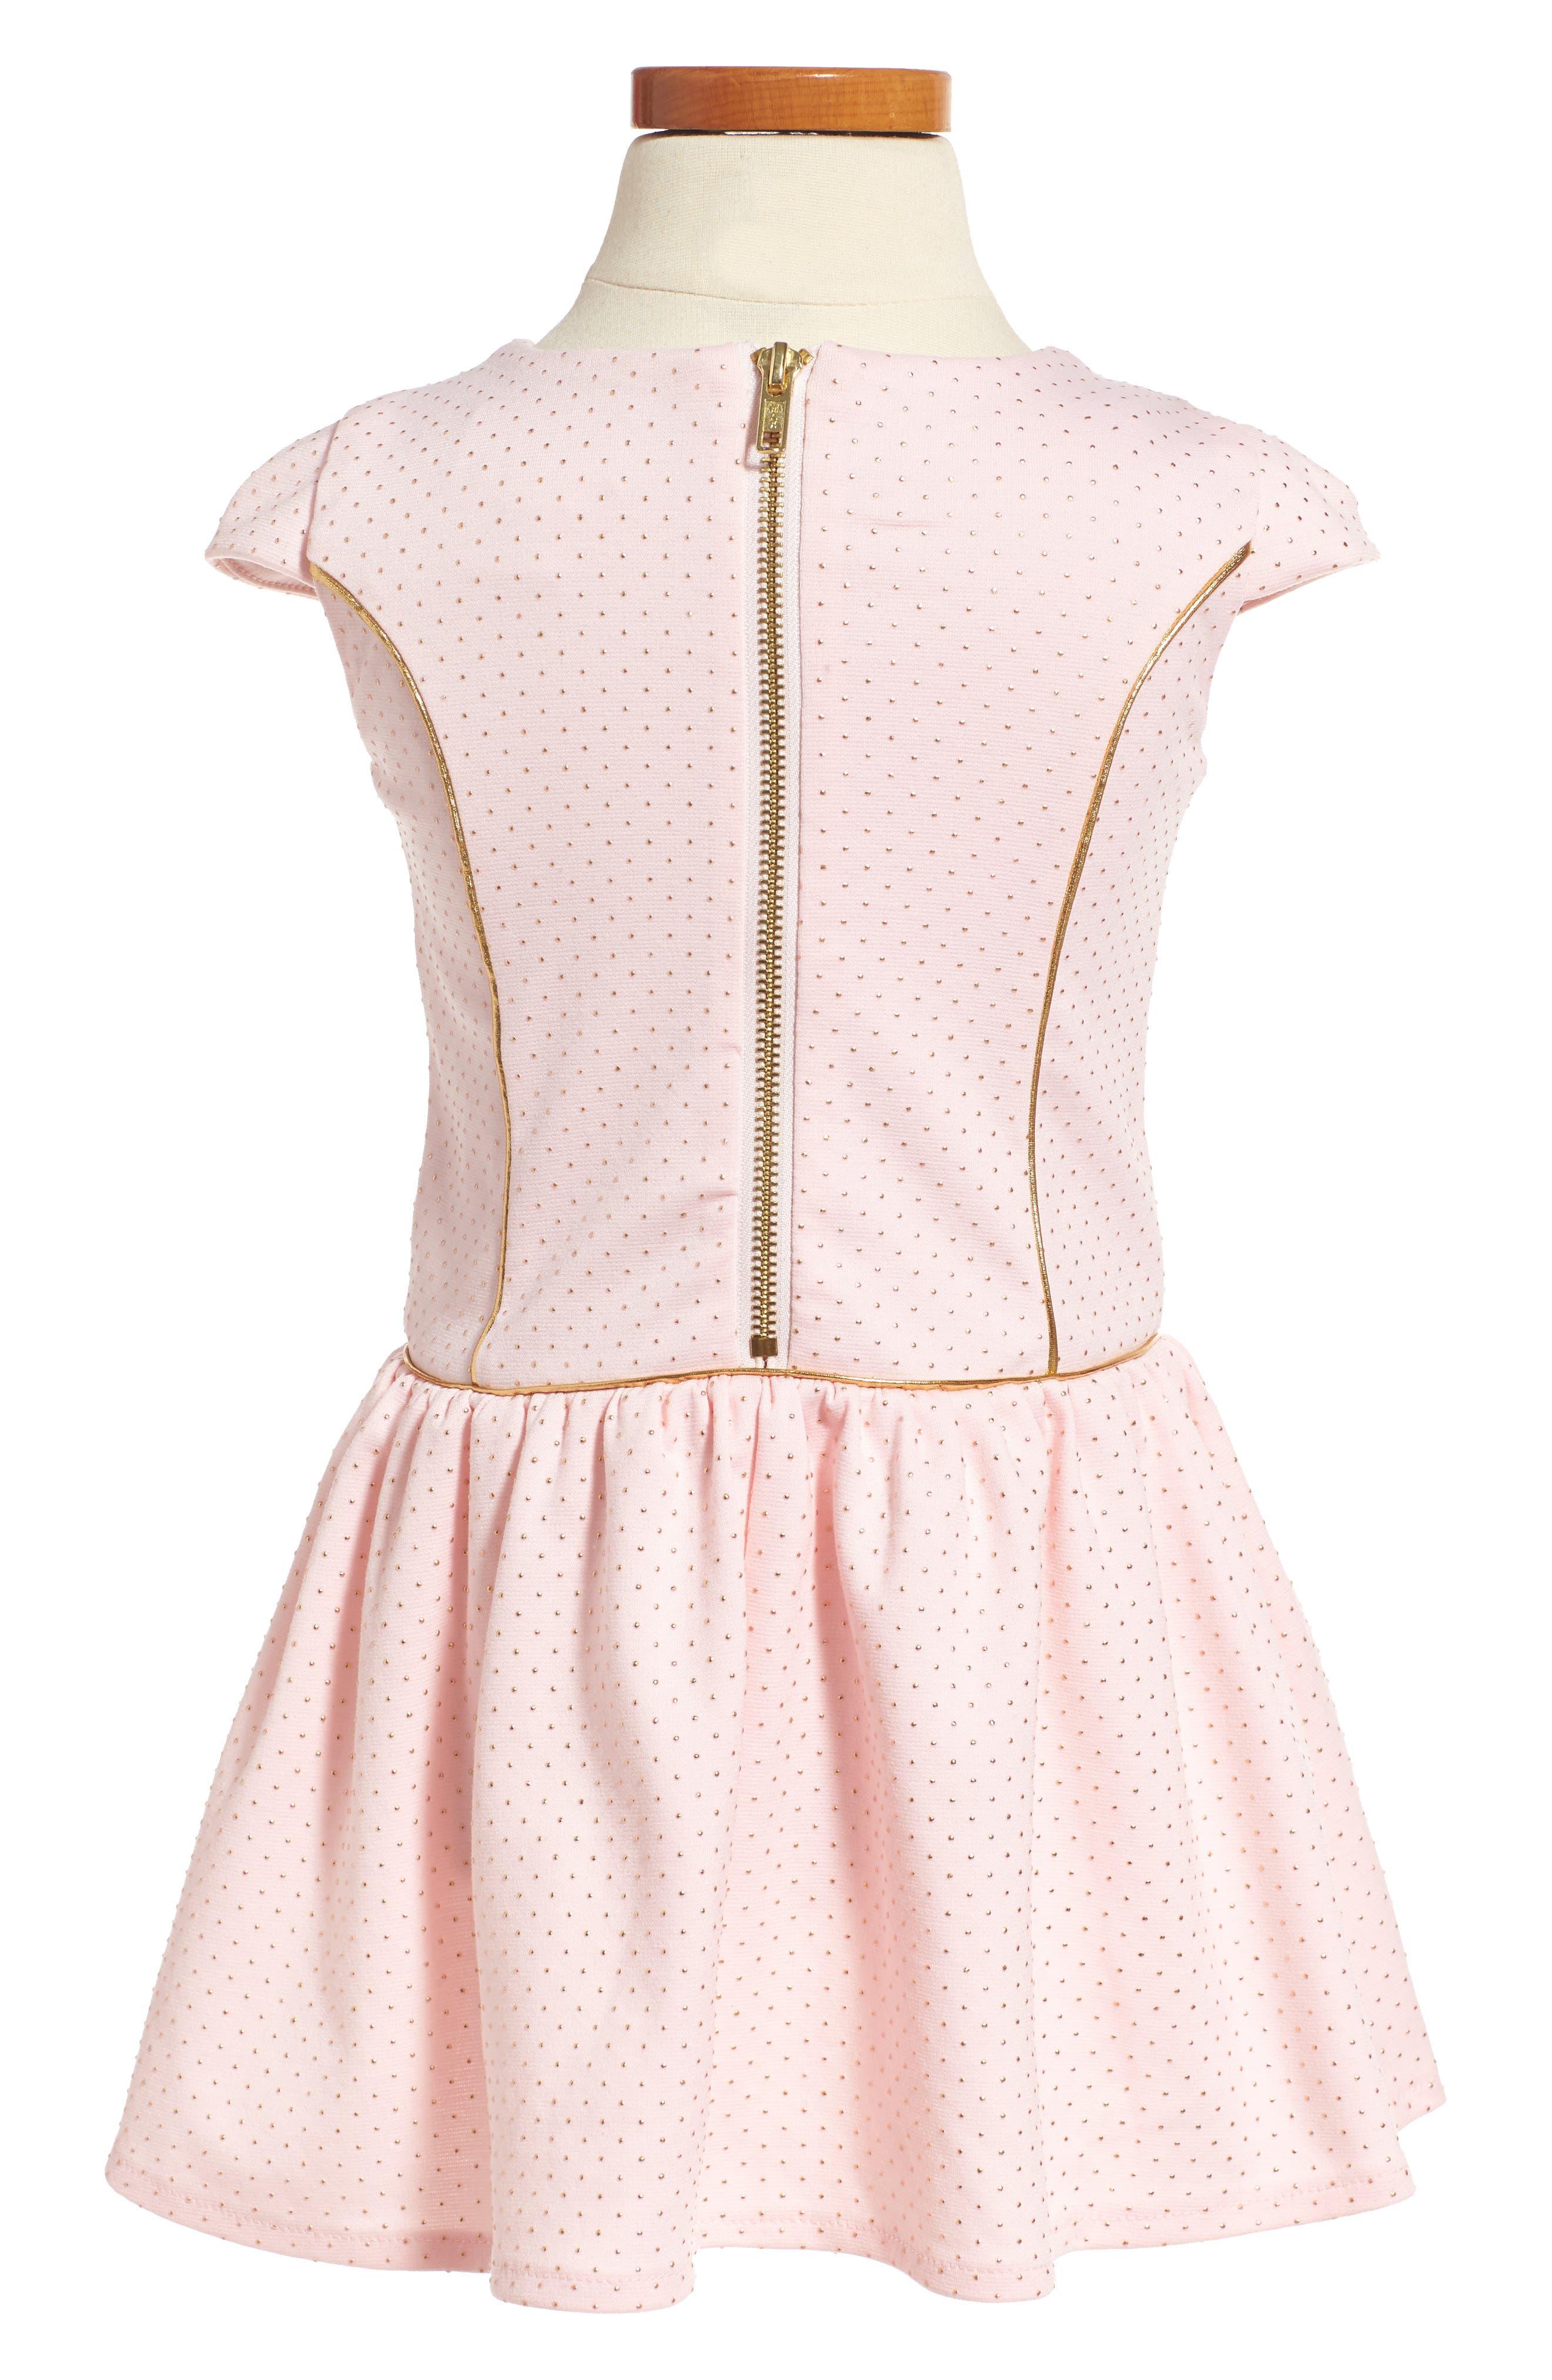 Alternate Image 2  - Little Angels Princess Drop Waist Dress (Toddler Girls & Little Girls)